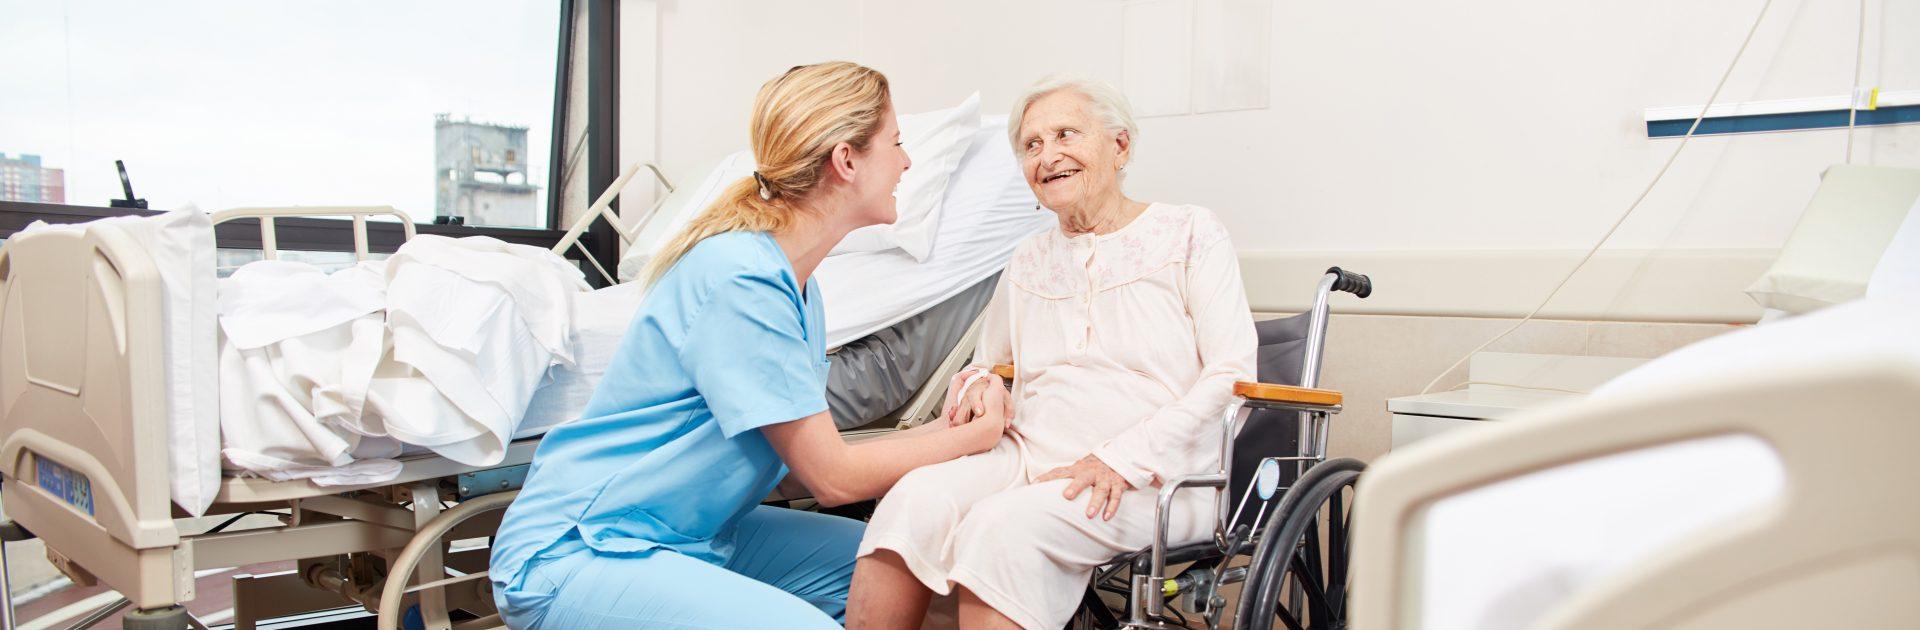 Krankenschwester kümmert sich fürsorglich um behinderte Seniorin im Rollstuhl